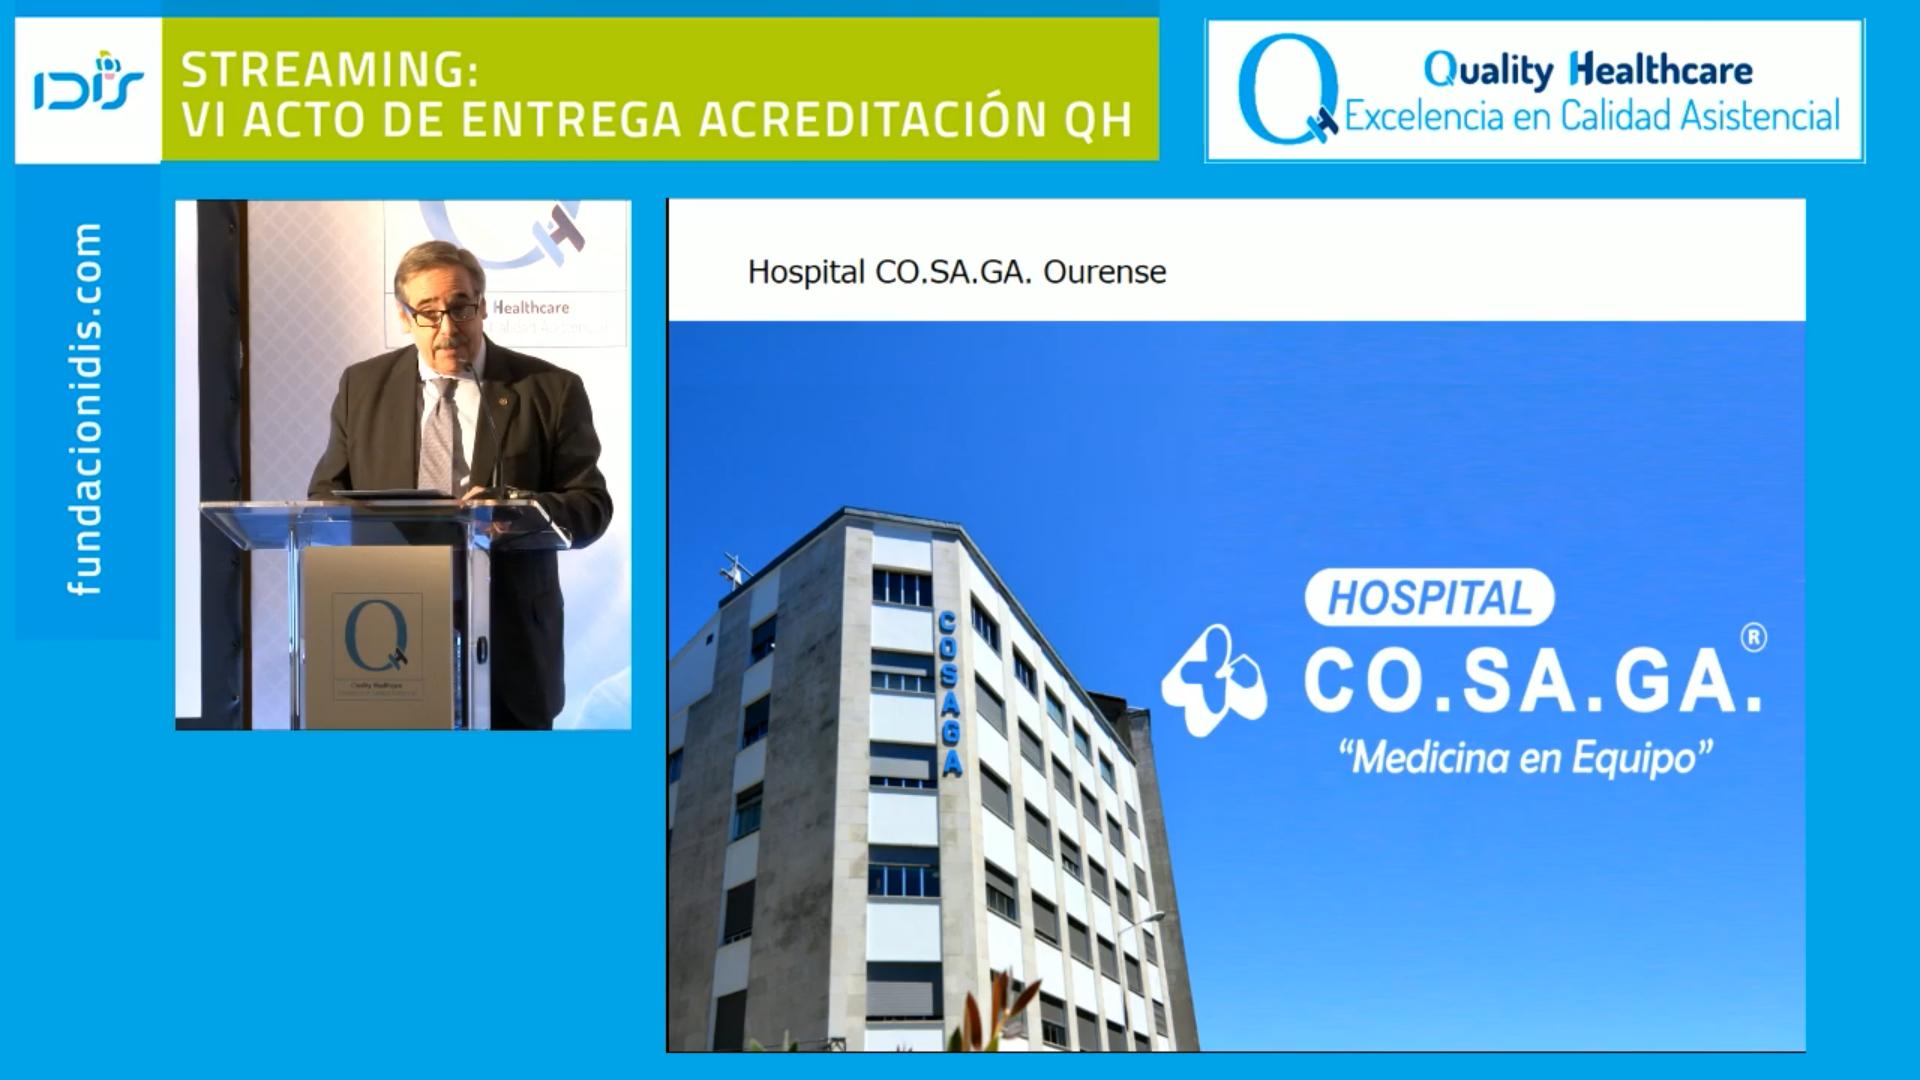 El Hospital Cosaga suma una segunda estrella a la acreditación QH por su compromiso con la calidad asistencial